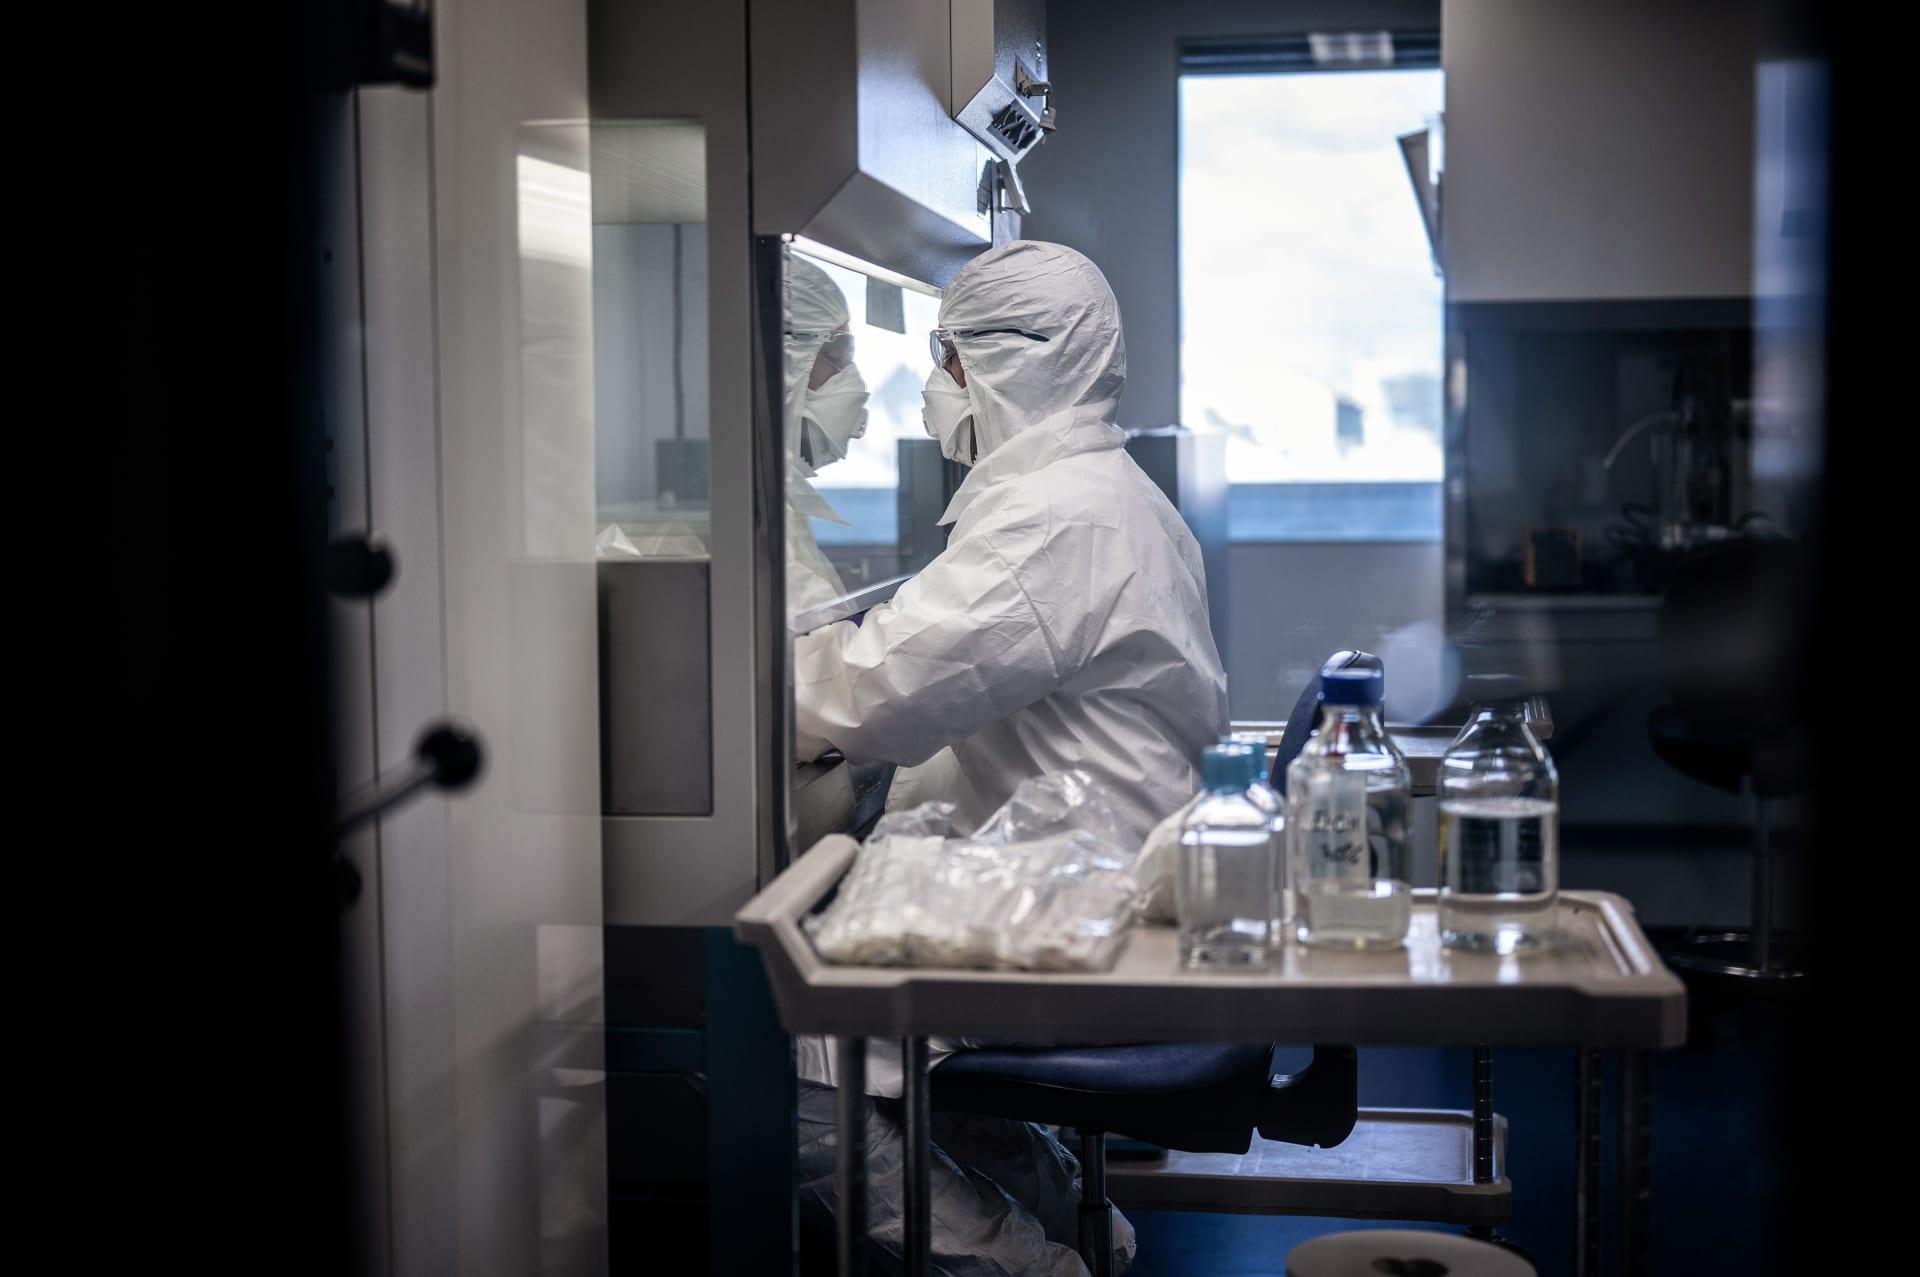 رئيس لقاح أكسفورد: متفائل بإمكانية الوصول إلى نتائج تجارب فيروس كورونا هذا العام